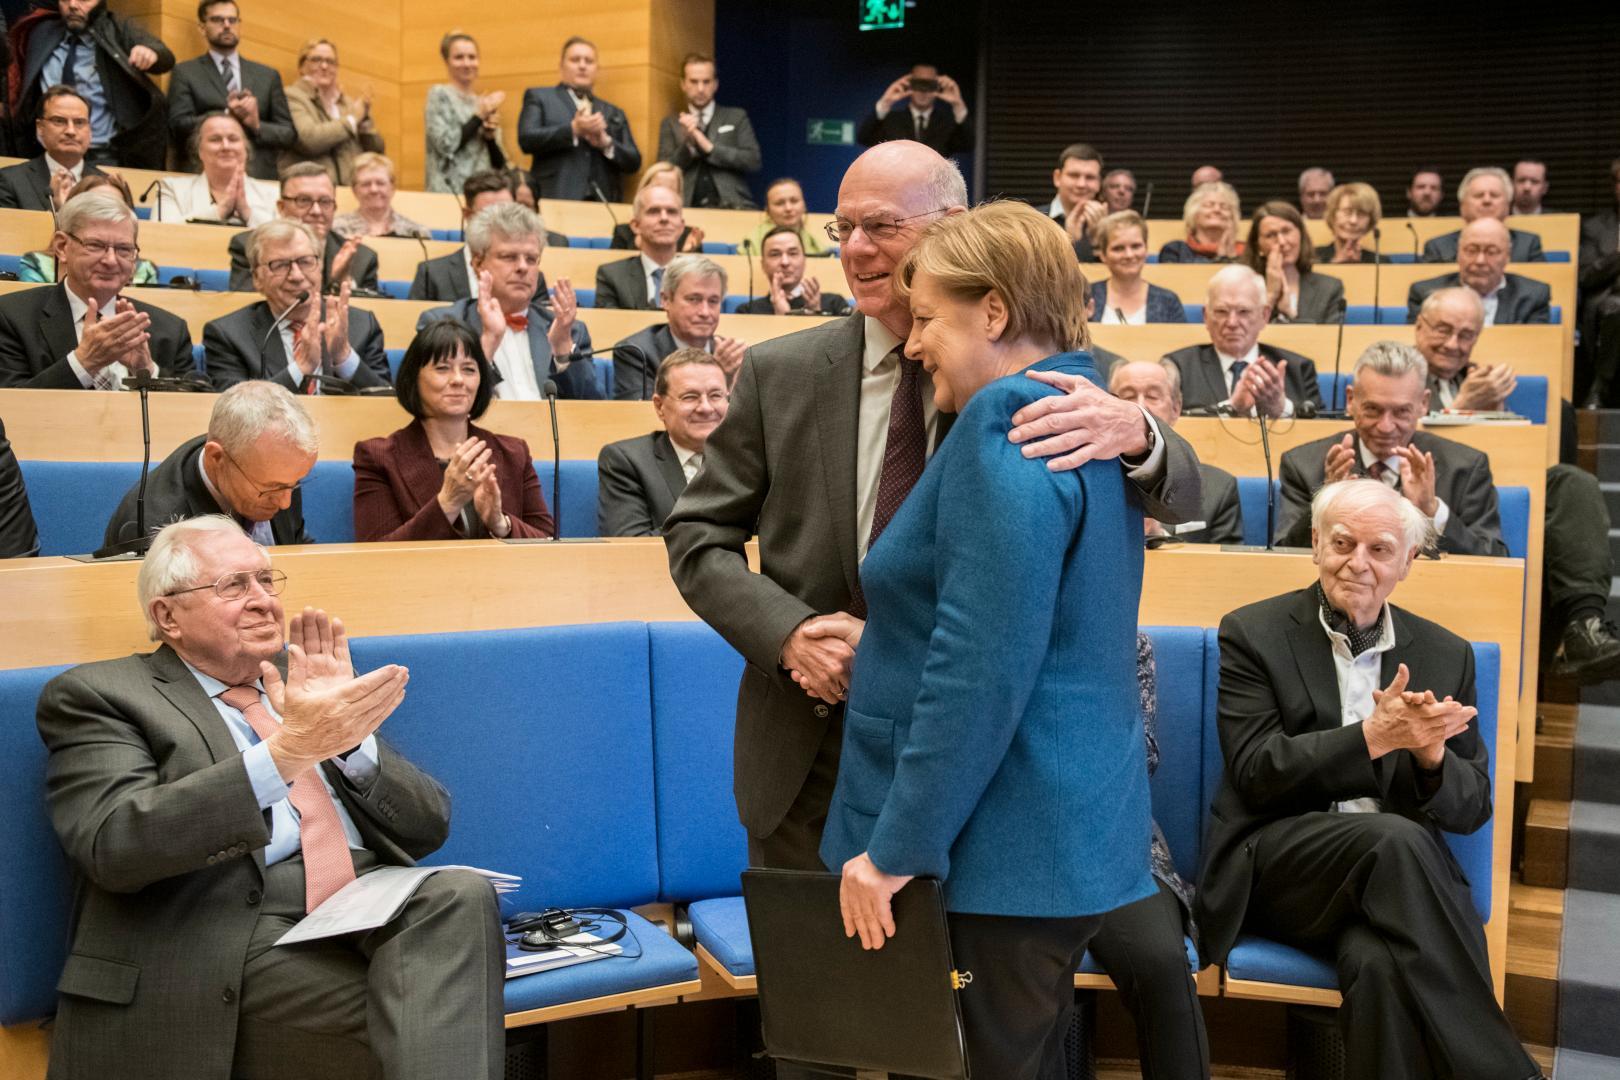 Konrad Adenauer Stiftung Das Herz Der Demokratie